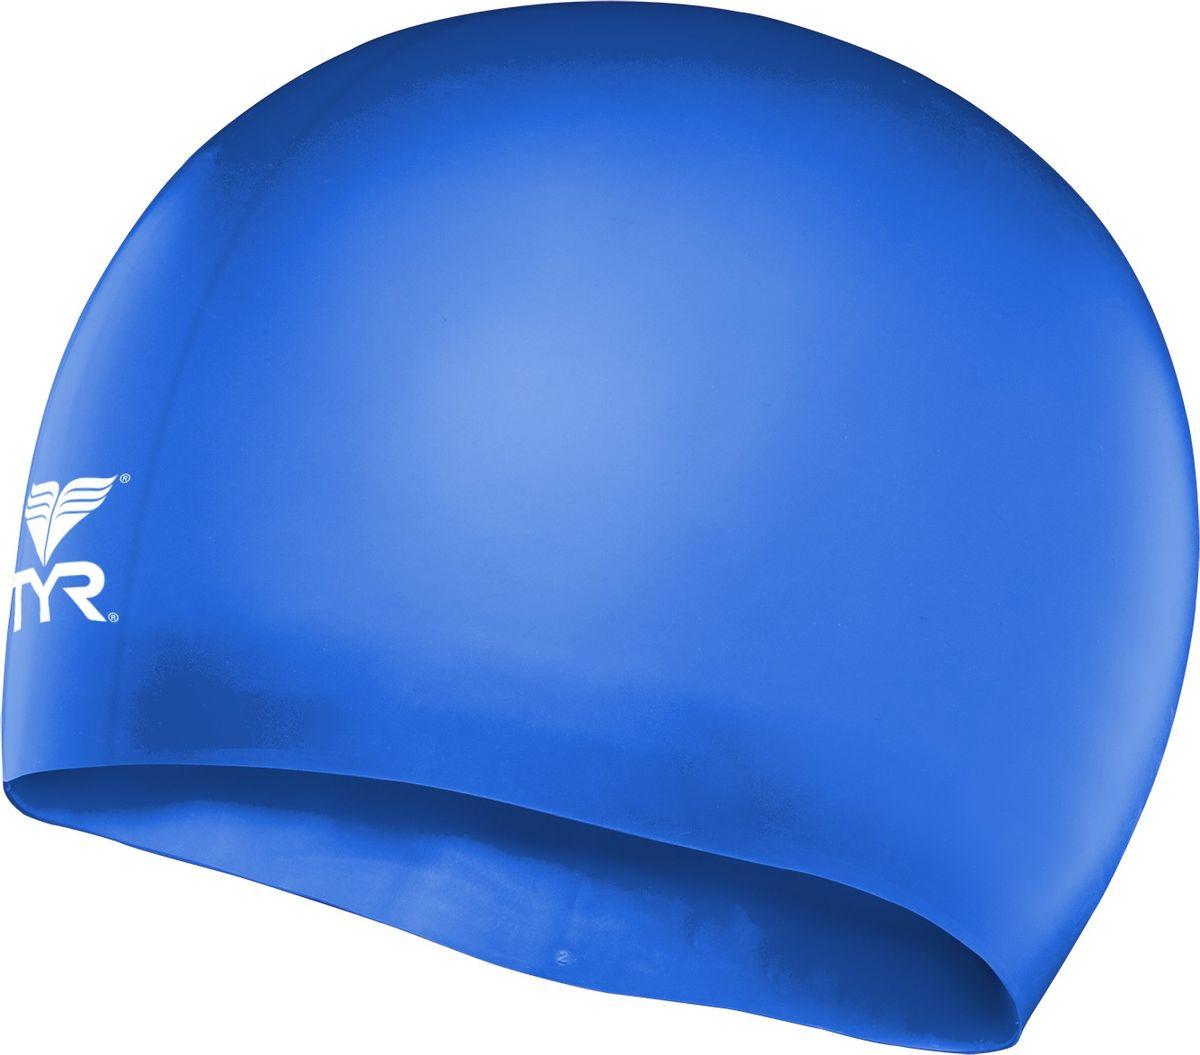 Шапочка плавательная Tyr Wrinkle Free Junior Silicone Cap, цвет: голубой. LCSJRLCSJRДетская силиконовая шапочка TYR Wrinkle Free – изготовлена из высококачественного материала устойчивого к воздействию хлорированной воды, что гарантирует долгий срок службы. Материал шапочки не вызывает раздражения кожи и других аллергических реакций. Прекрасный вариант для тренировок в бассейне.